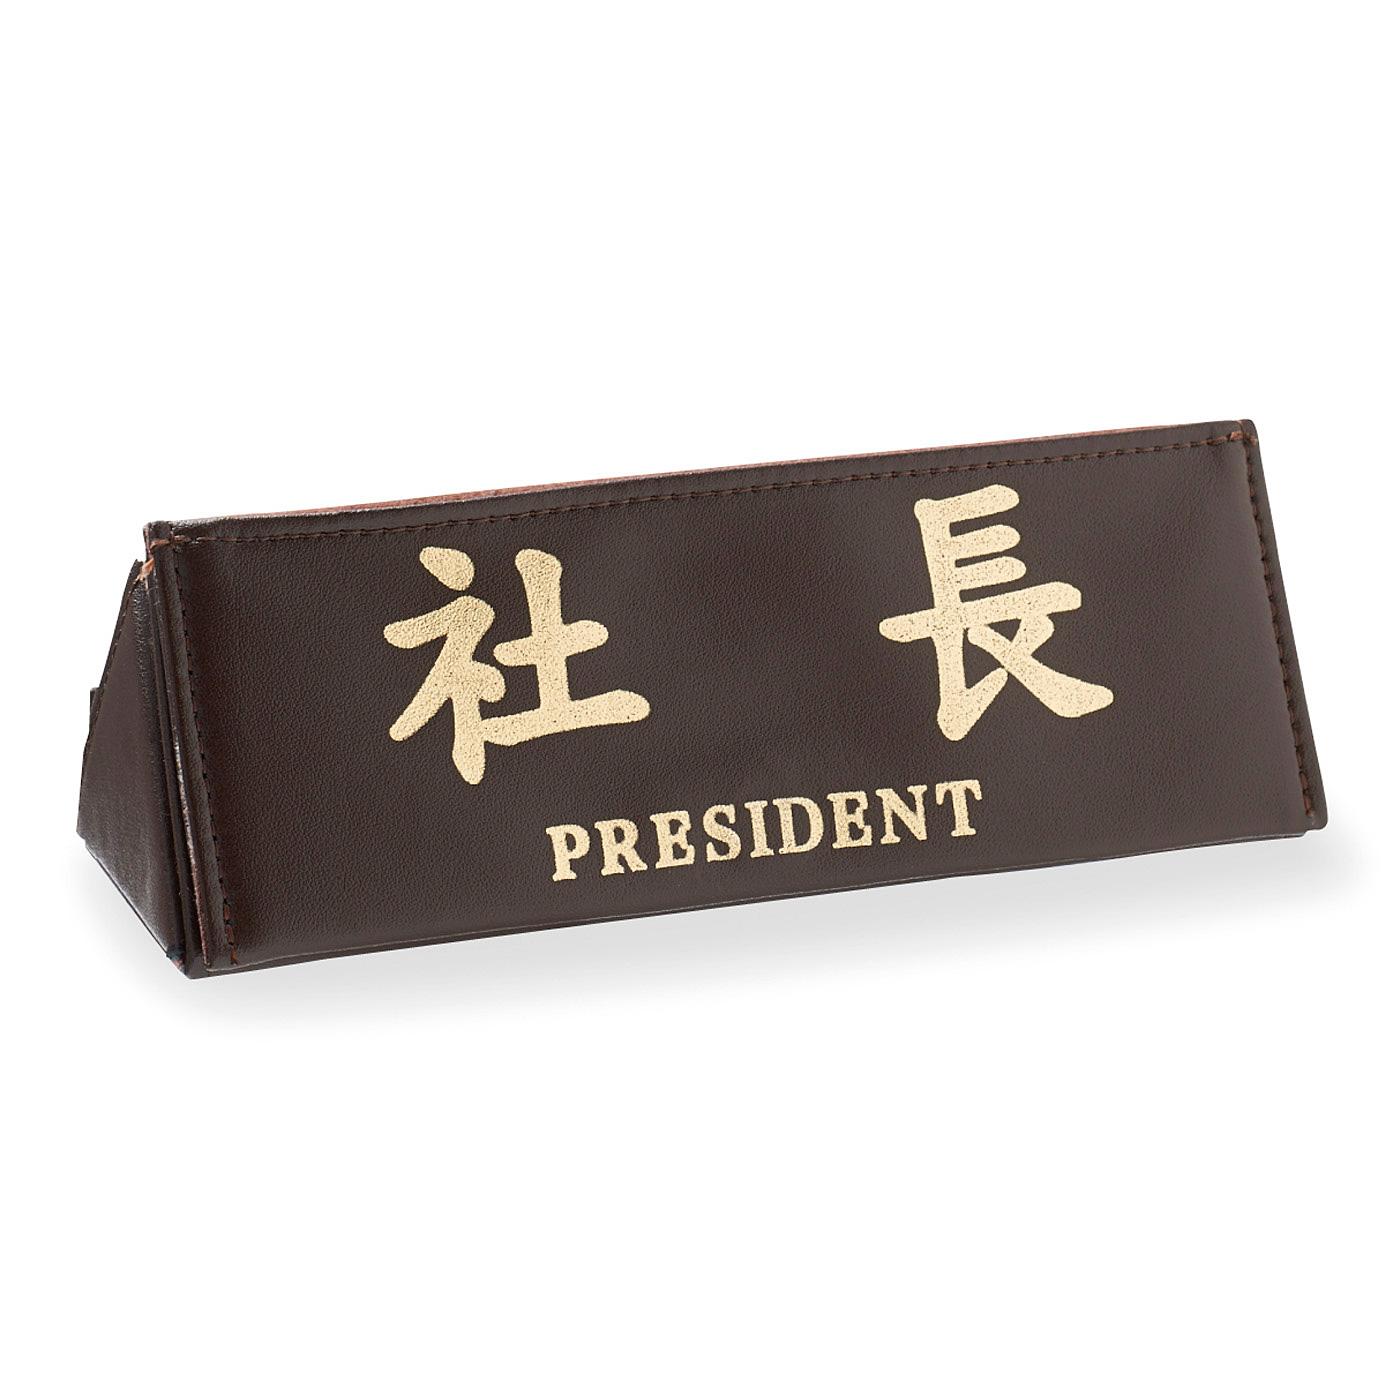 〈社長〉金の箔押しプリントで「社長」らしい重厚感を演出。